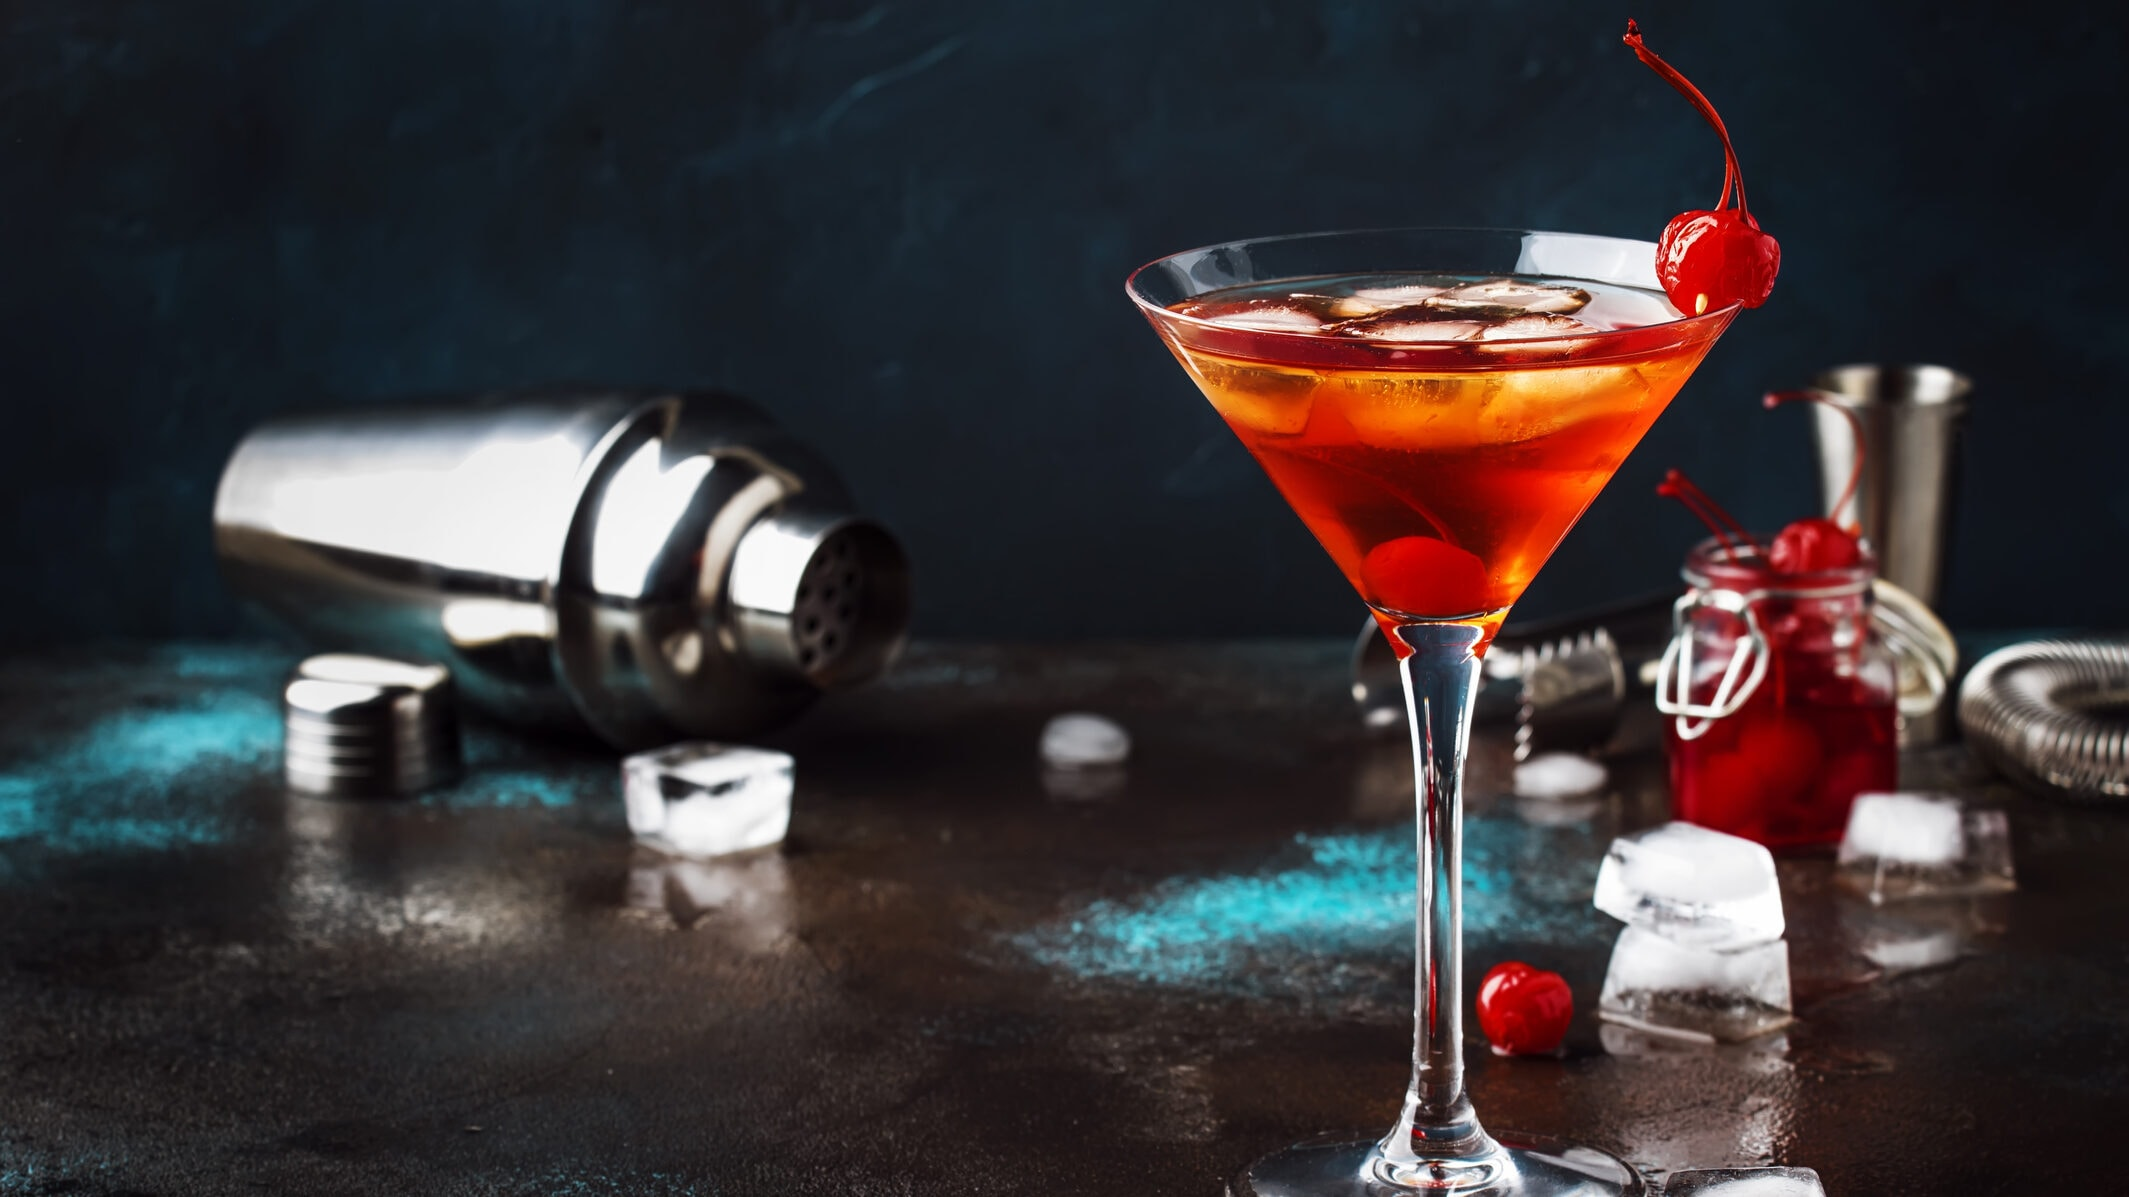 Ein Manhattan in einem Martiniglas, dekoriert mit einer Cocktailkirsche. Im Hintergrund ein umgekippter Cocktail-Shaker und verstreut die Zutaten.